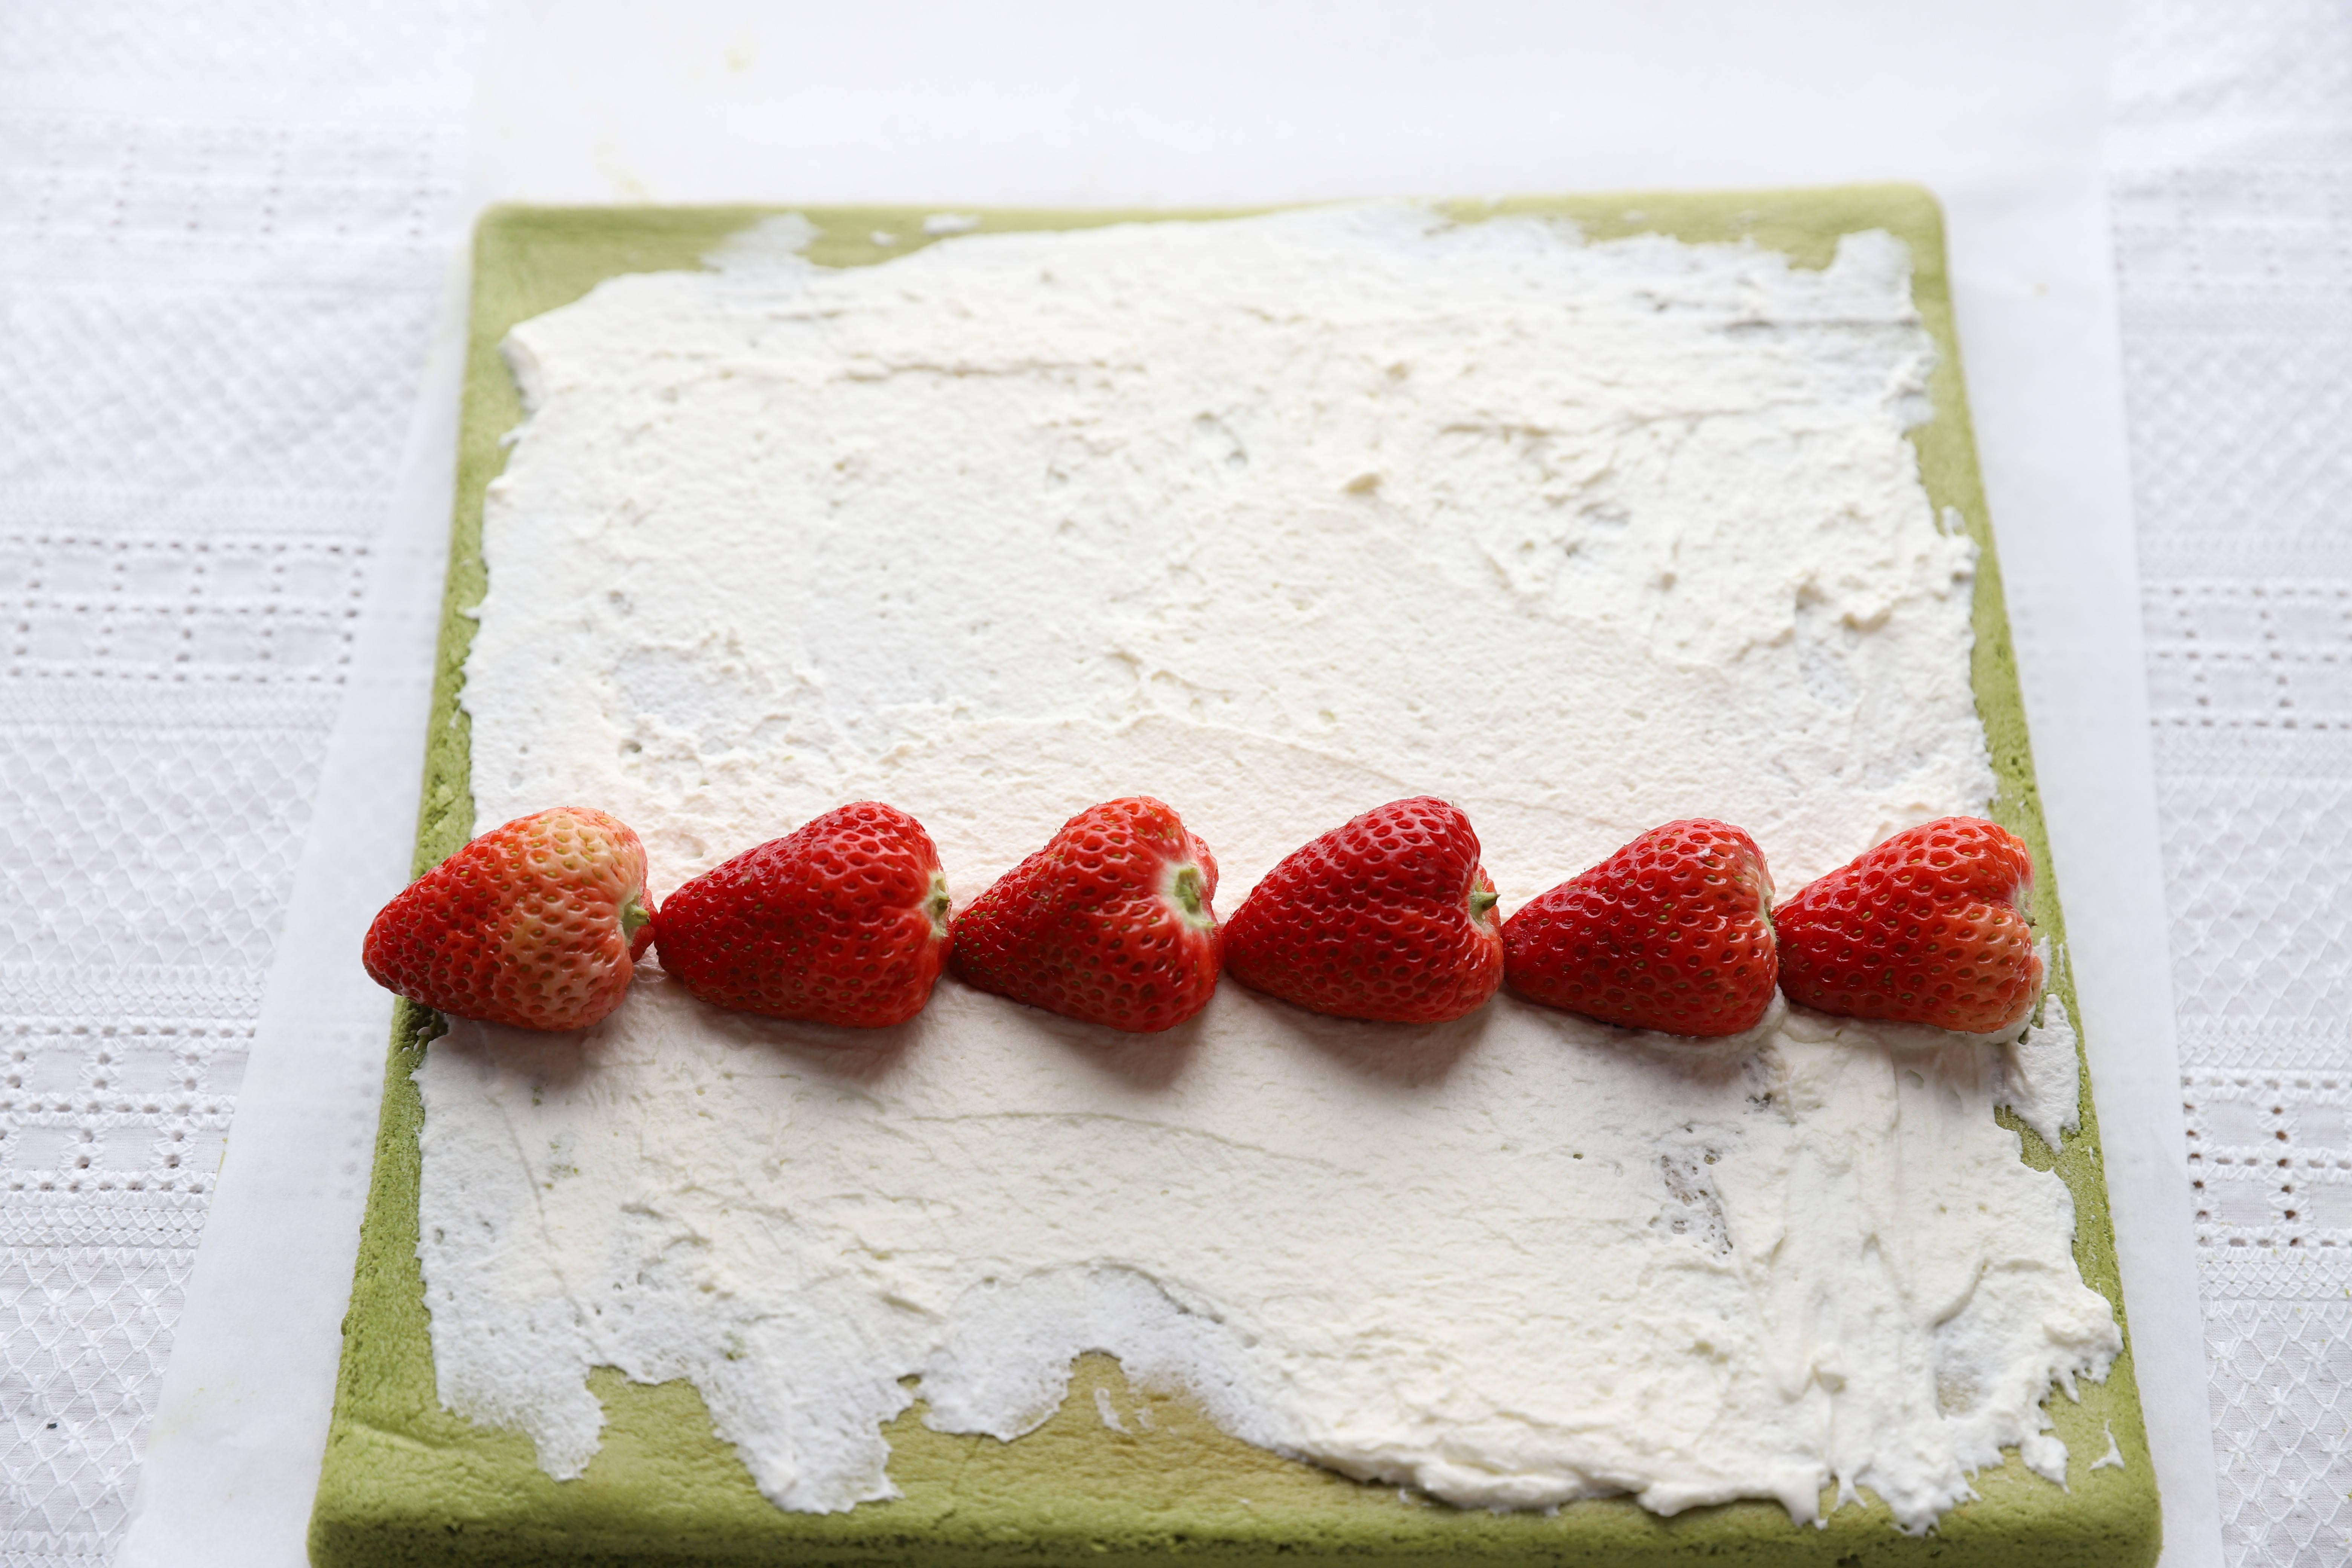 二十九张图,详解抹茶蛋糕卷的做法,仔细看完,新手也能零失败